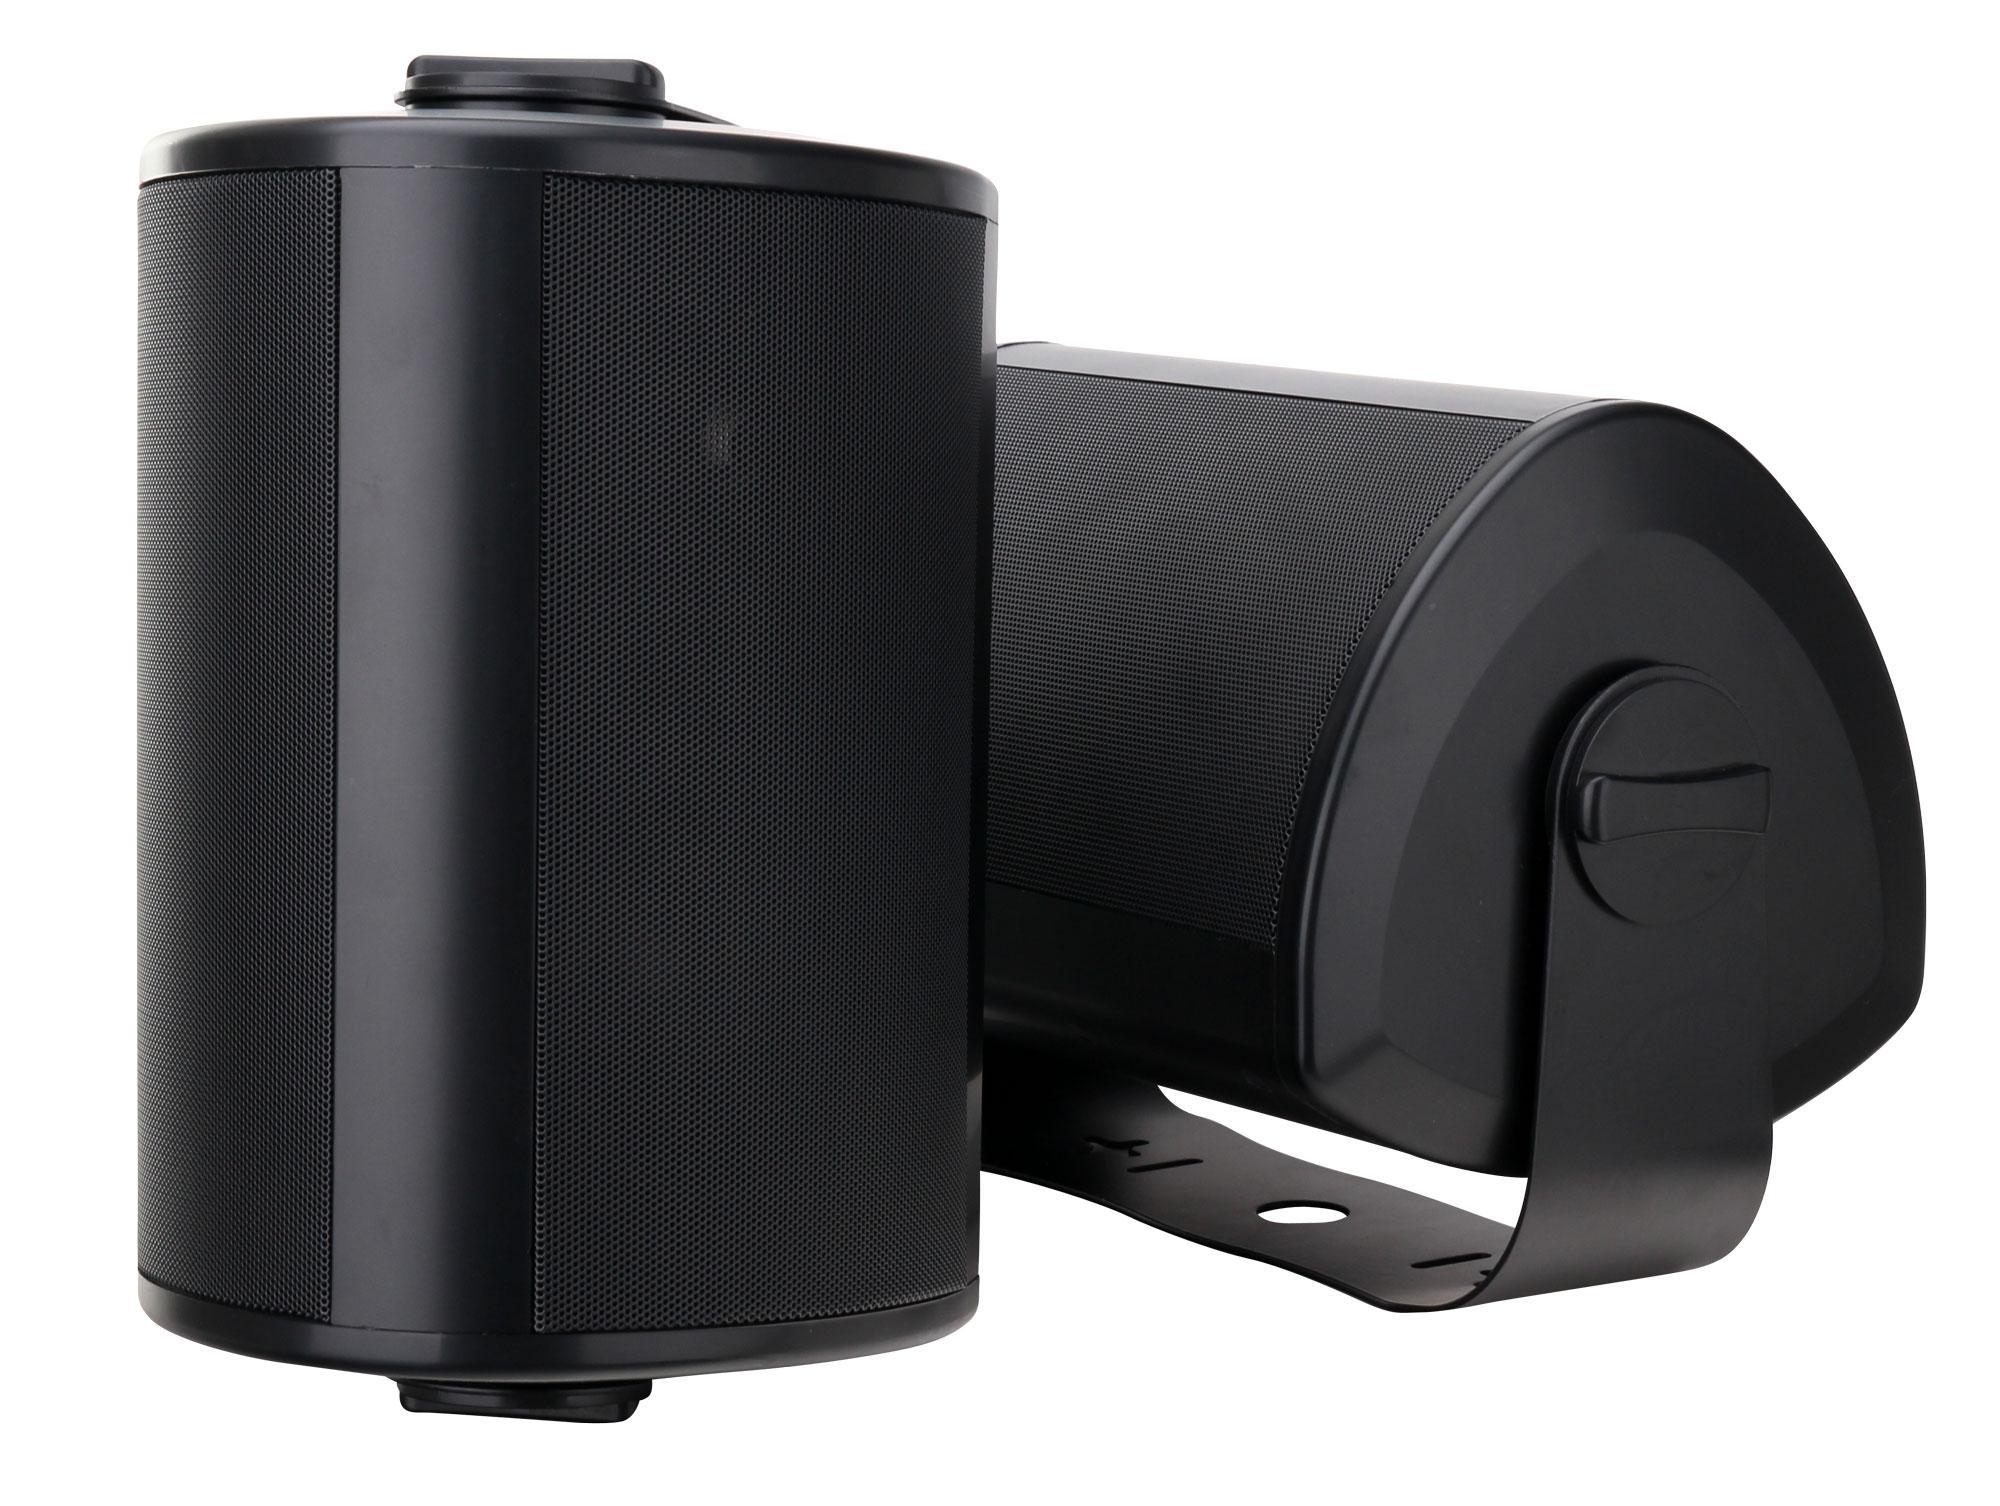 paar pronomic ols 10 bk outdoor lautsprecher schwarz 2x. Black Bedroom Furniture Sets. Home Design Ideas